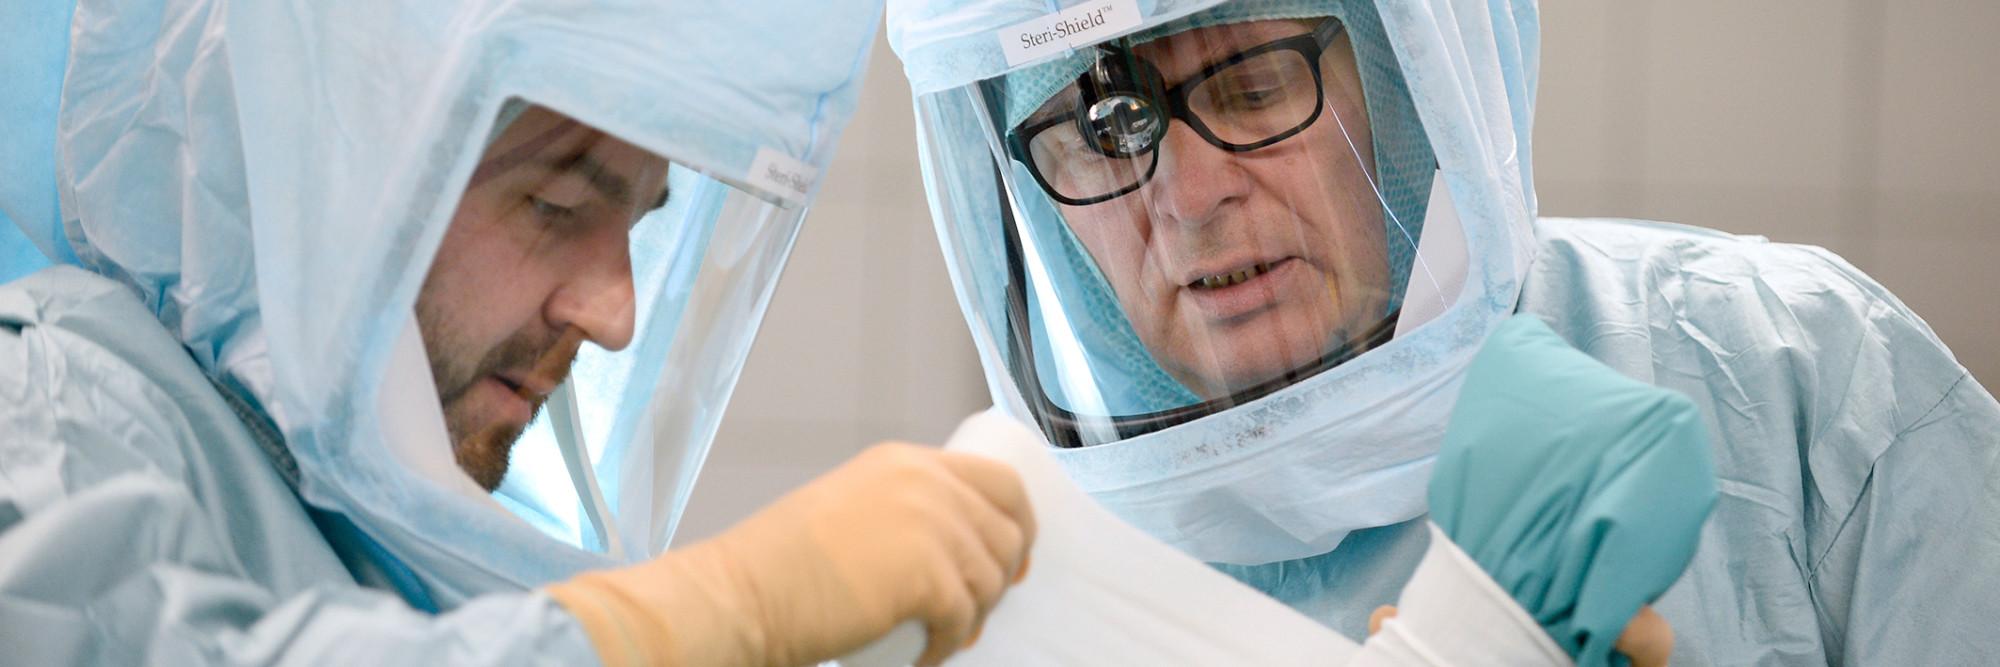 Die Oberärzte Dr. Deymann und Dr. Philips während einer Operation.